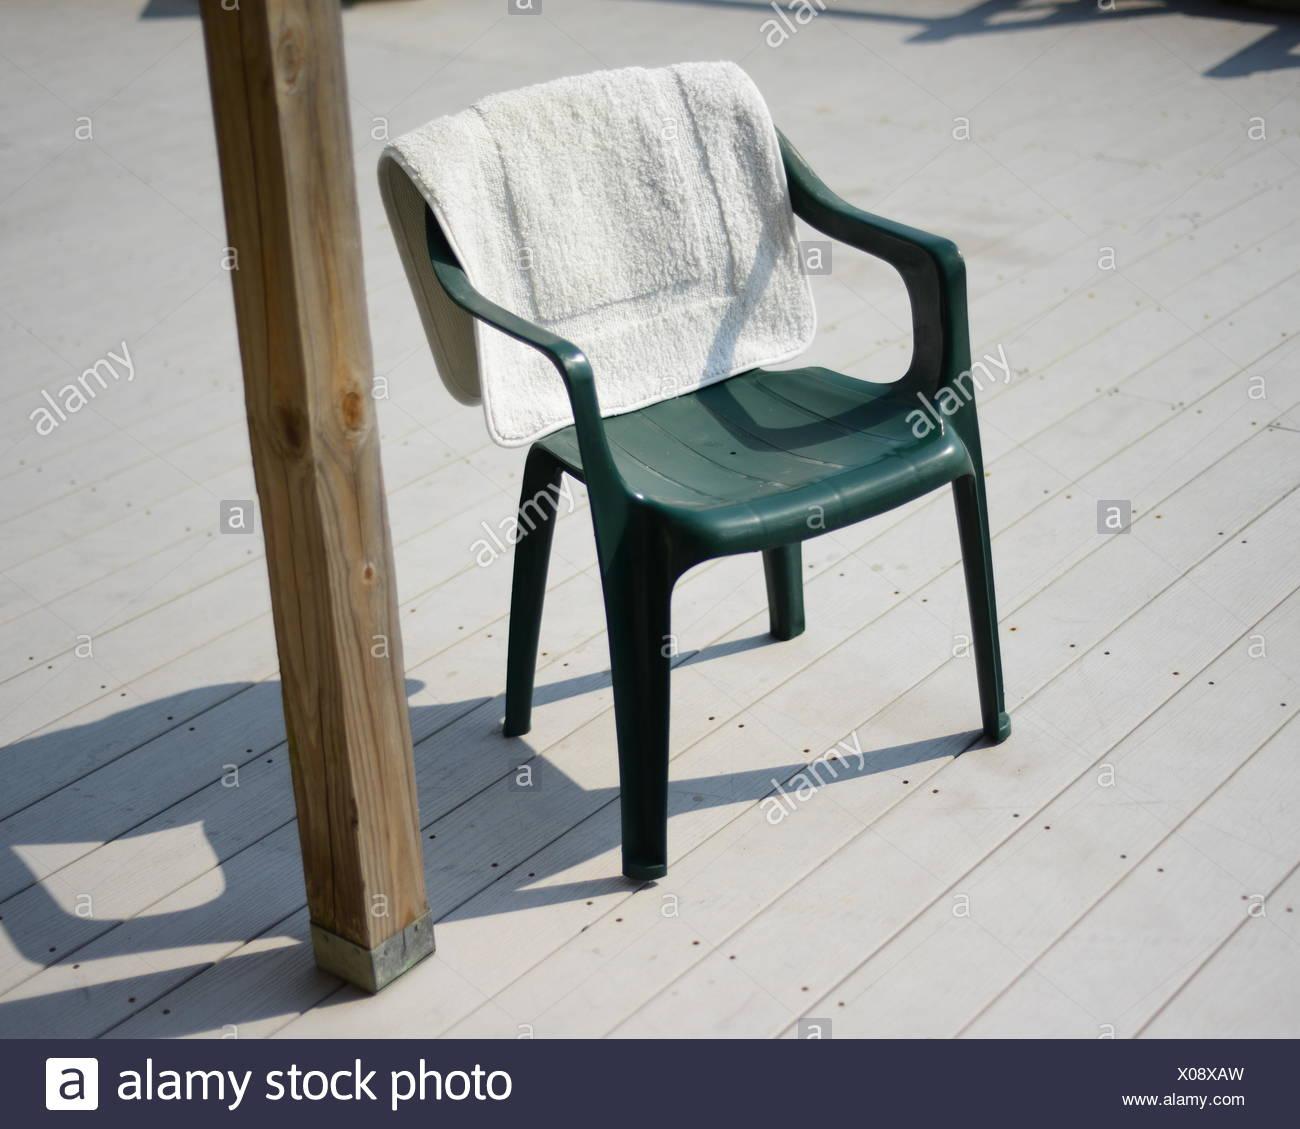 Portrait de serviettes sur la chaise en plastique par Wooden Post Photo Stock